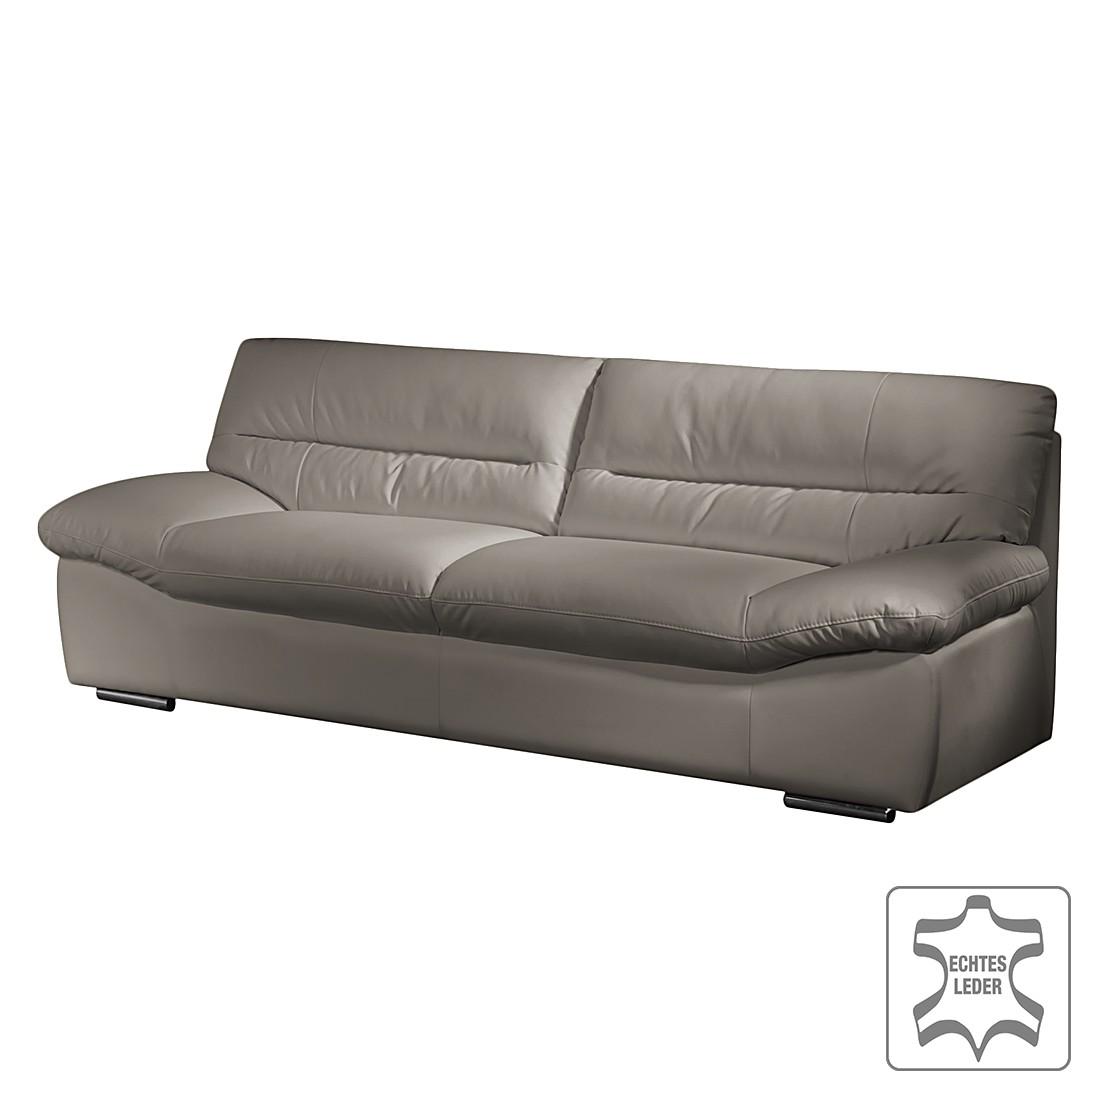 Sofa Doug (3-Sitzer) - Echtleder Hellgrau, Cotta